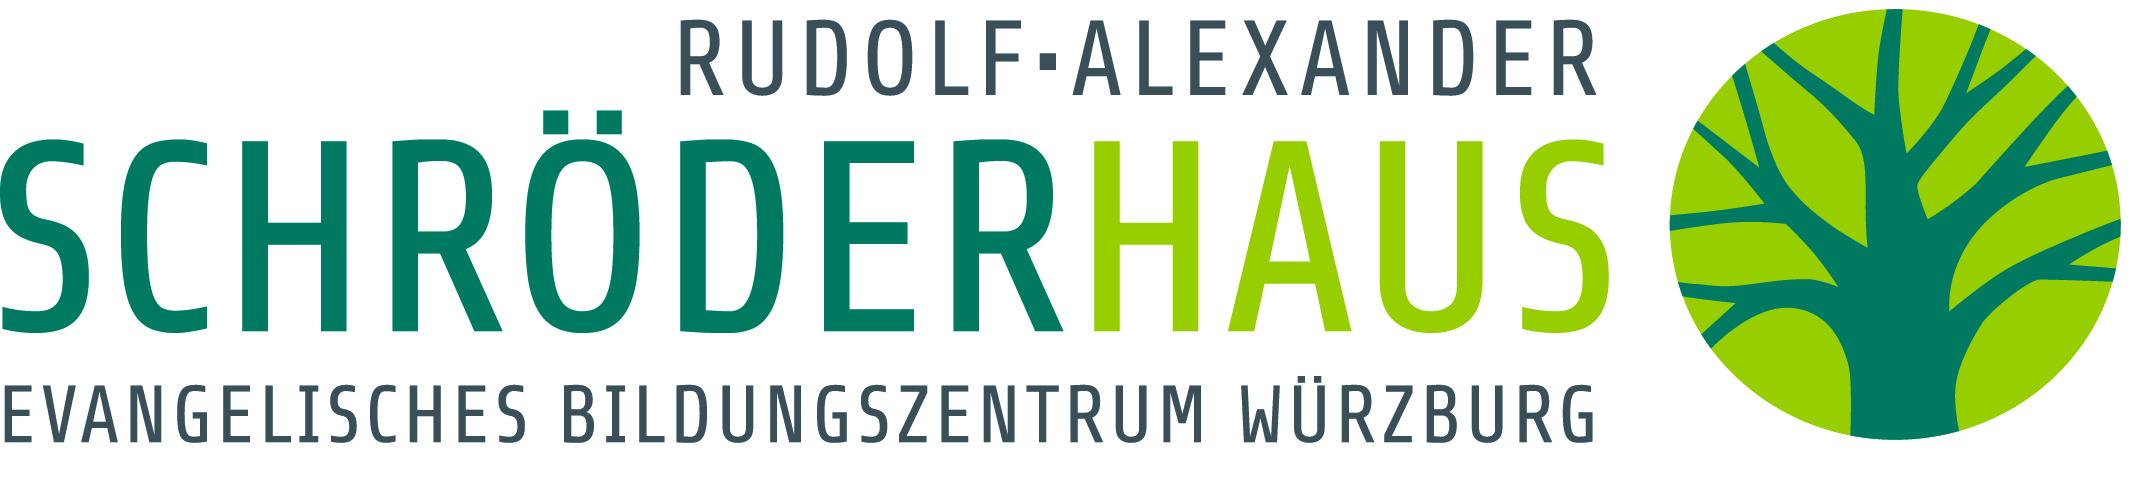 Rudolf-Alexander Schröderhaus – Evangelisches Bildungszentrum in Würzburg